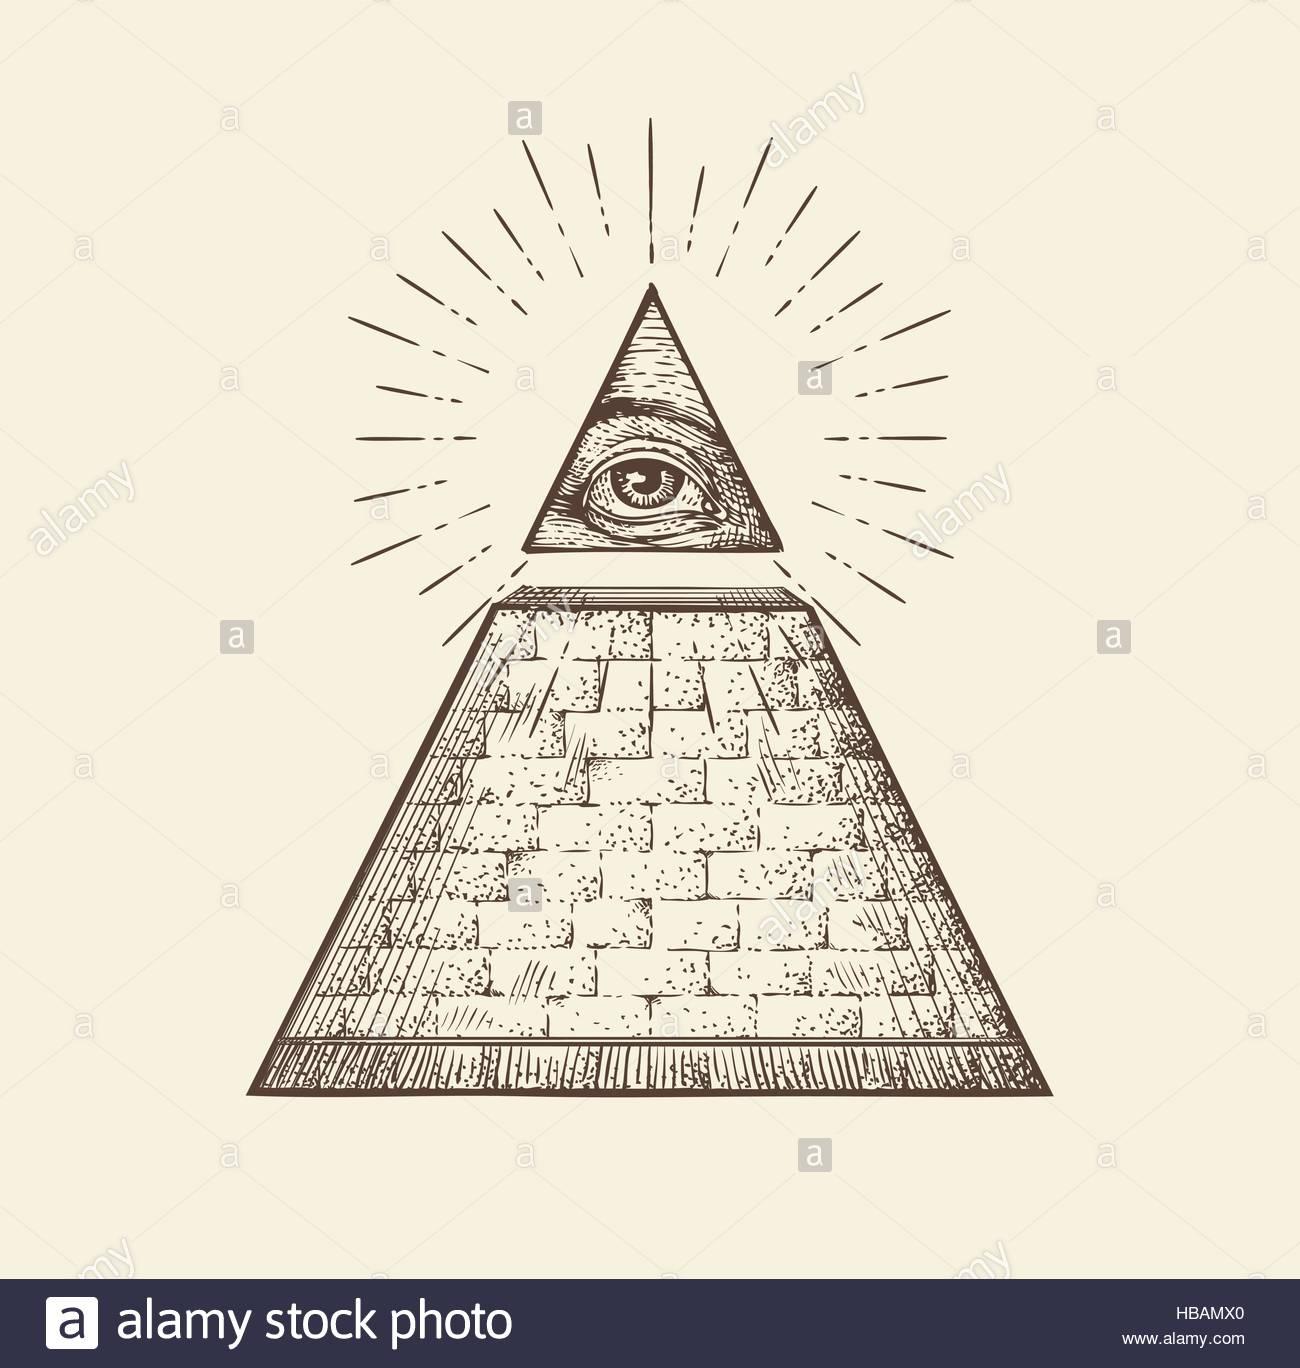 1300x1368 All Seeing Eye Pyramid Symbol. New World Order. Hand Drawn Sketch